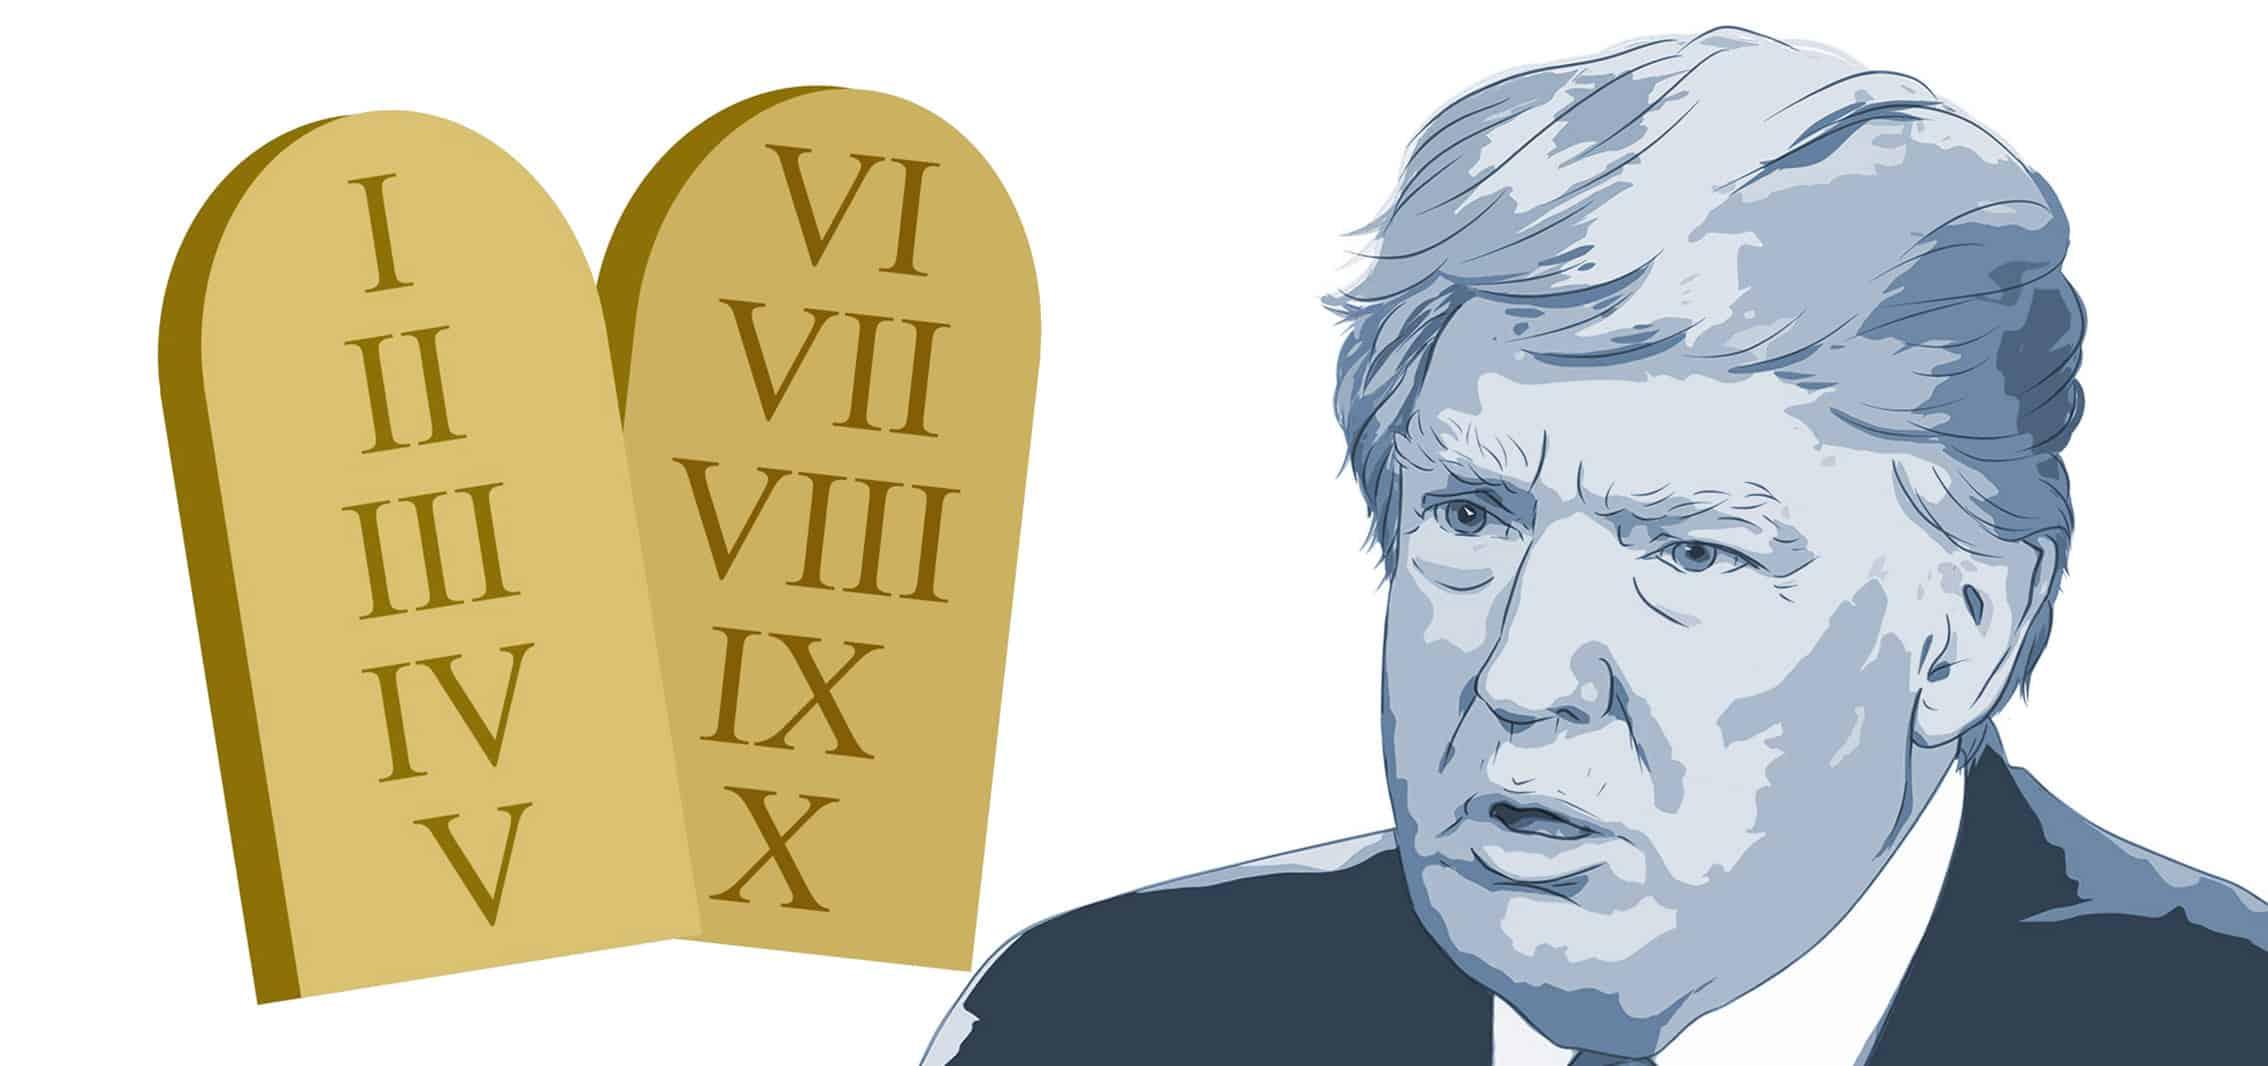 The Ten Commandments of Donald Trump